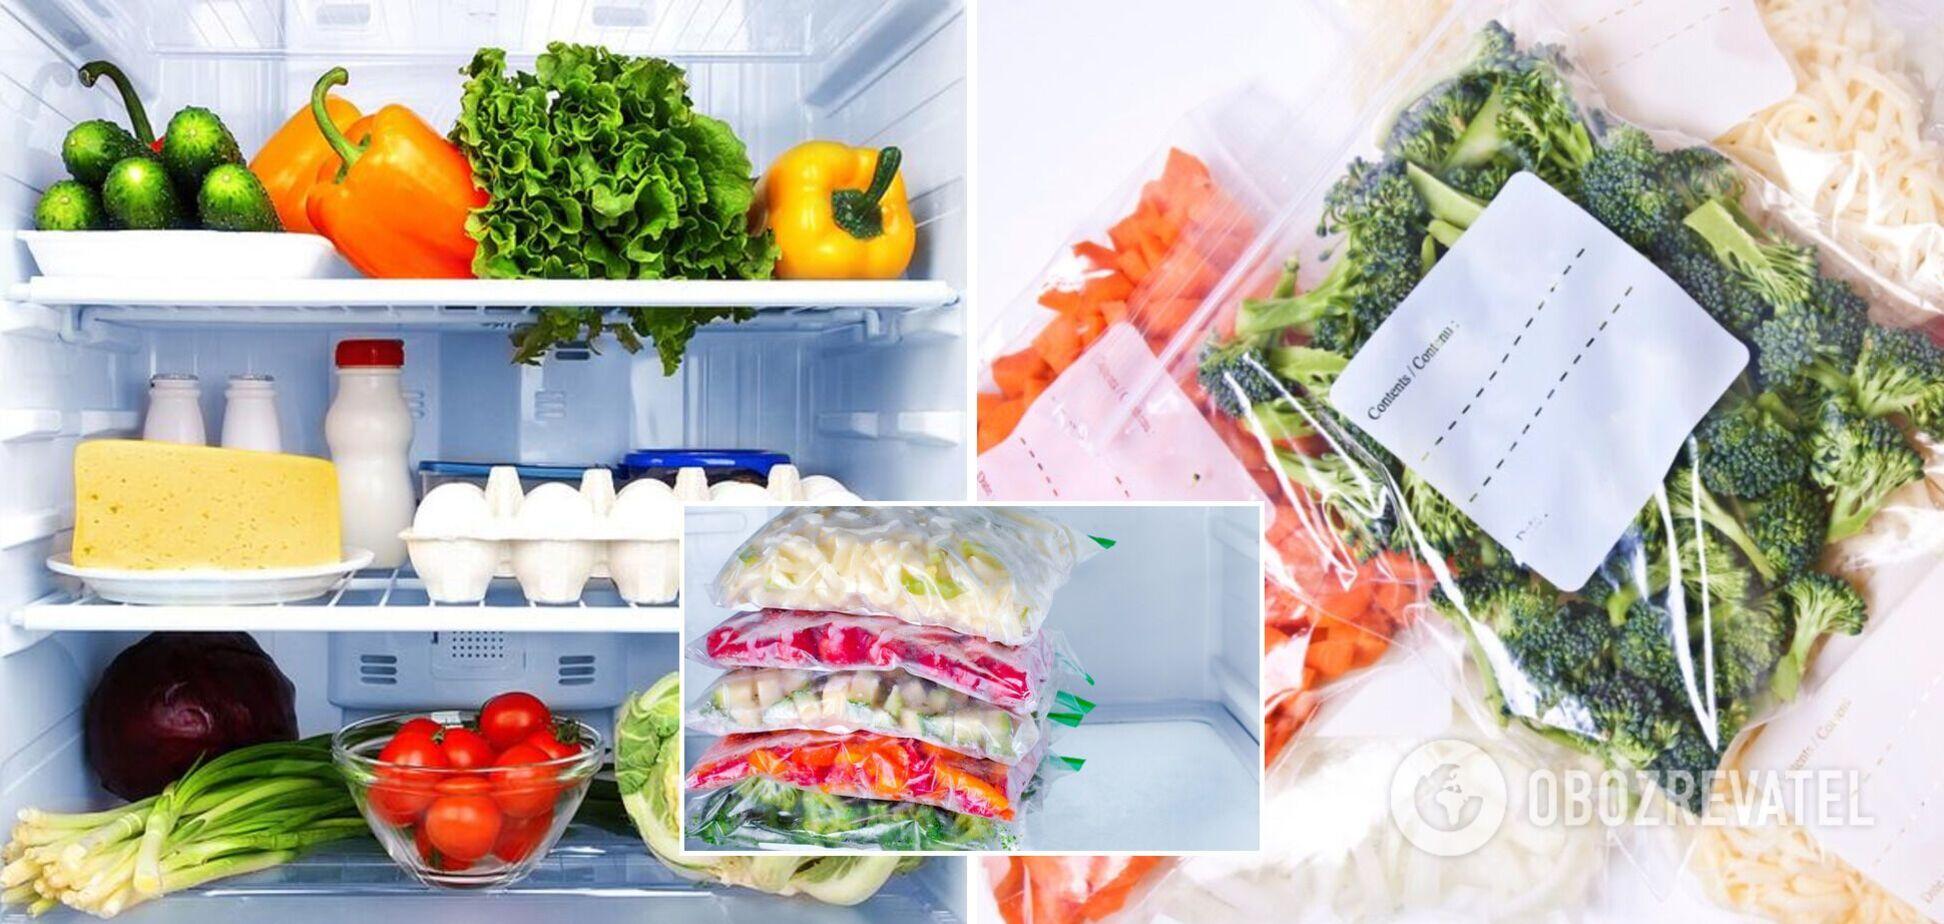 Як правильно зберігати продукти в холодильнику і заморожувати